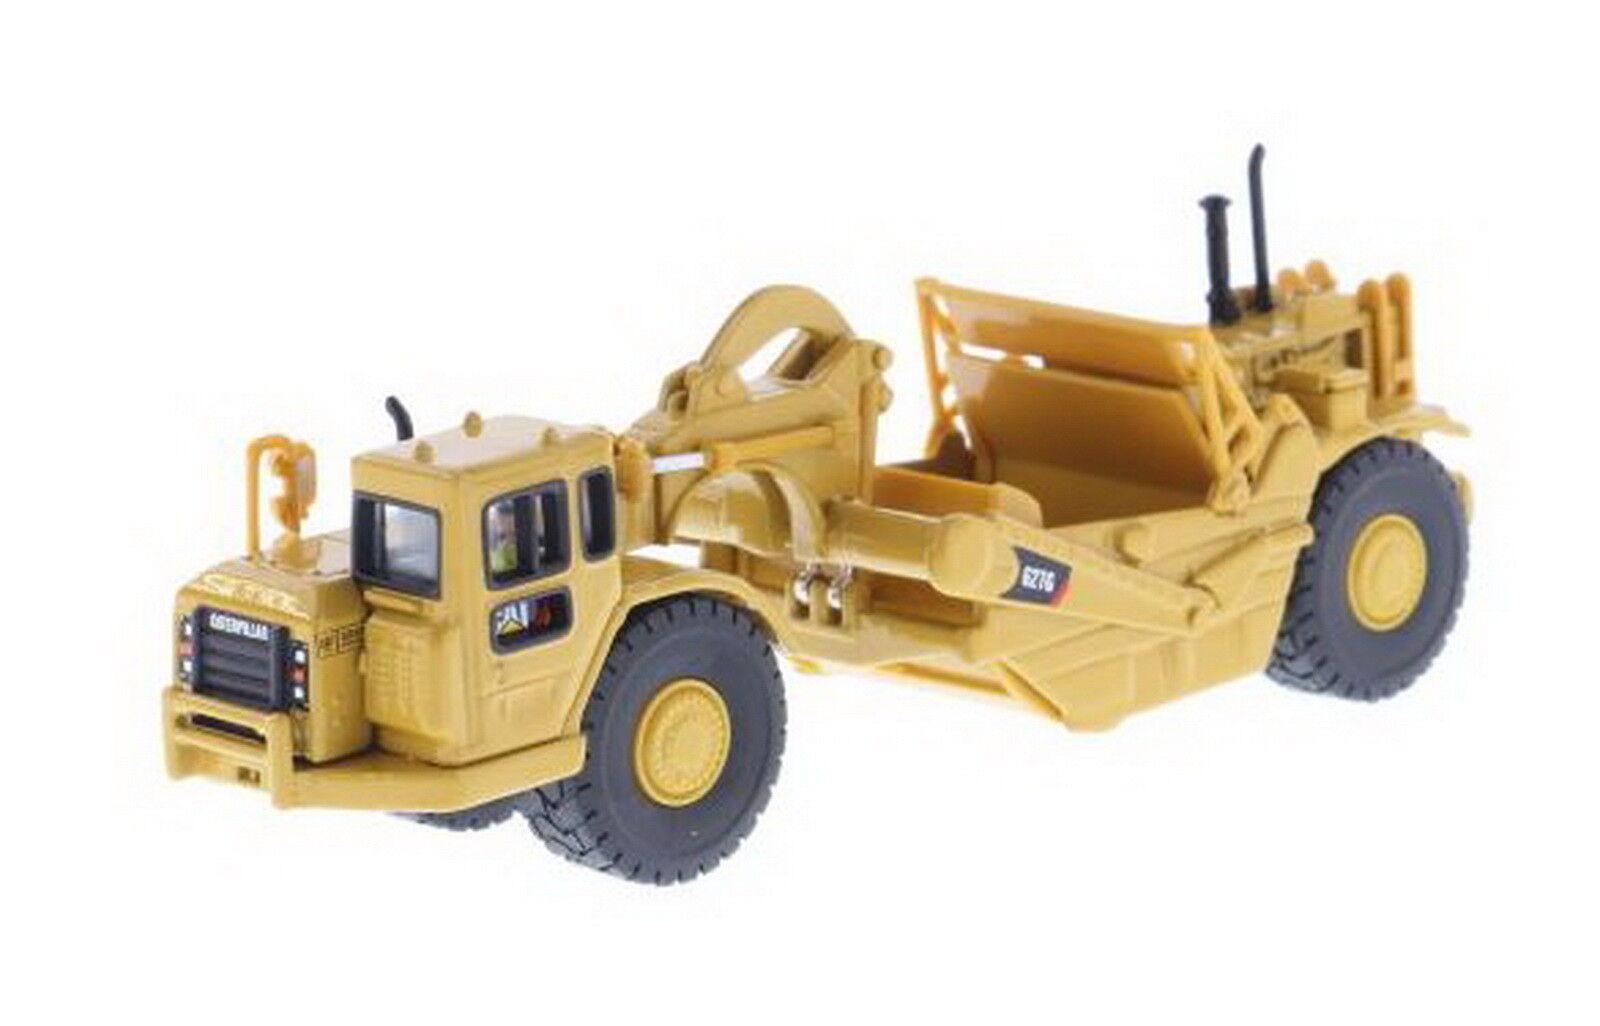 1  87 DM Catlarvar Cat 627G Hjul Traktor Scraper tärningskast modelllllerler